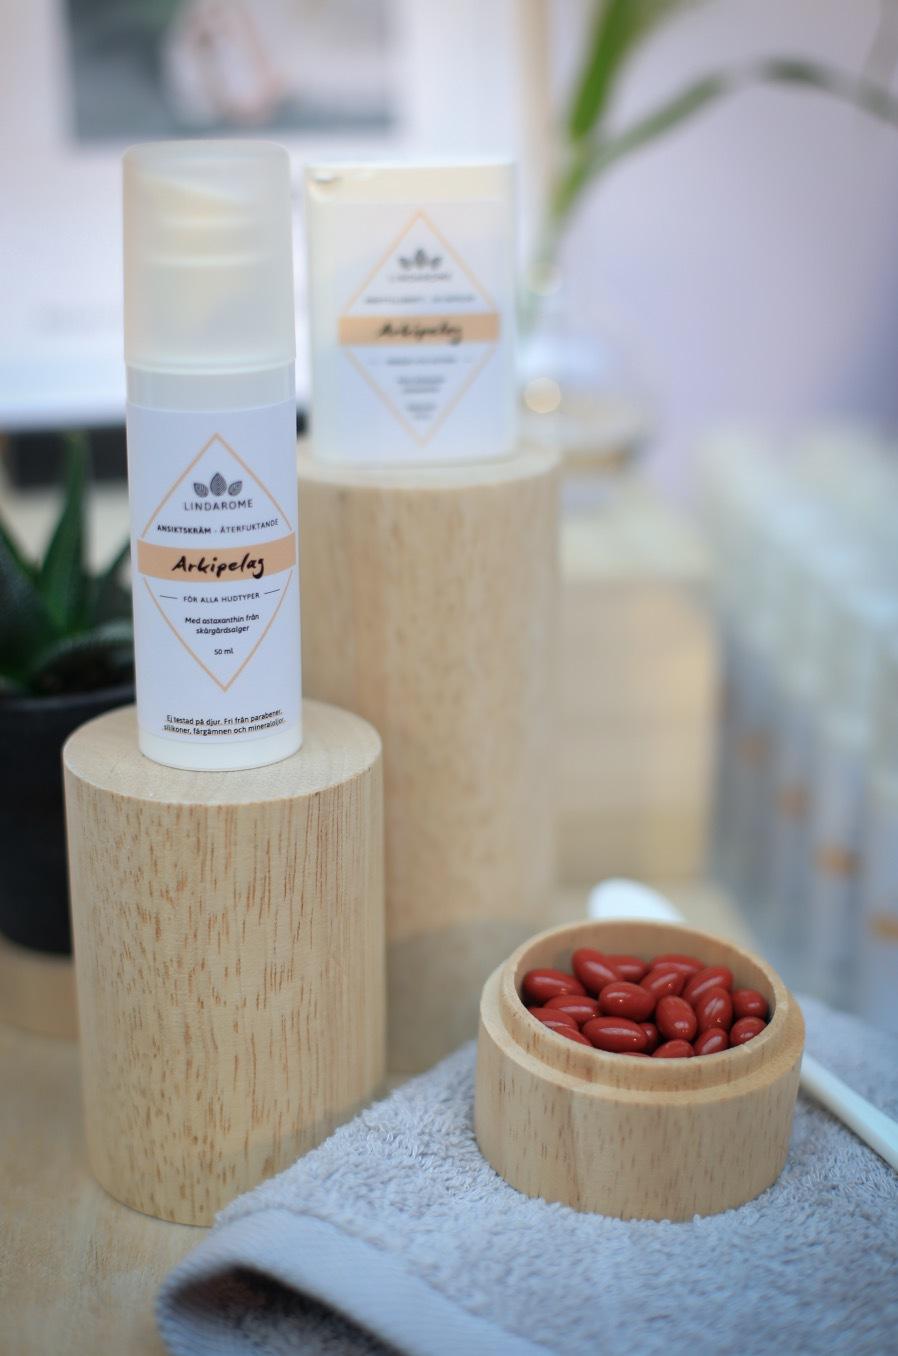 Svesnak Lindarome har tagit fram en nu cuoprodukt. Hudkräm och kosttillskot med astaxantin som ska stärka huden och verka inflammationshämmande. Perfekt till sommarens eskapader!